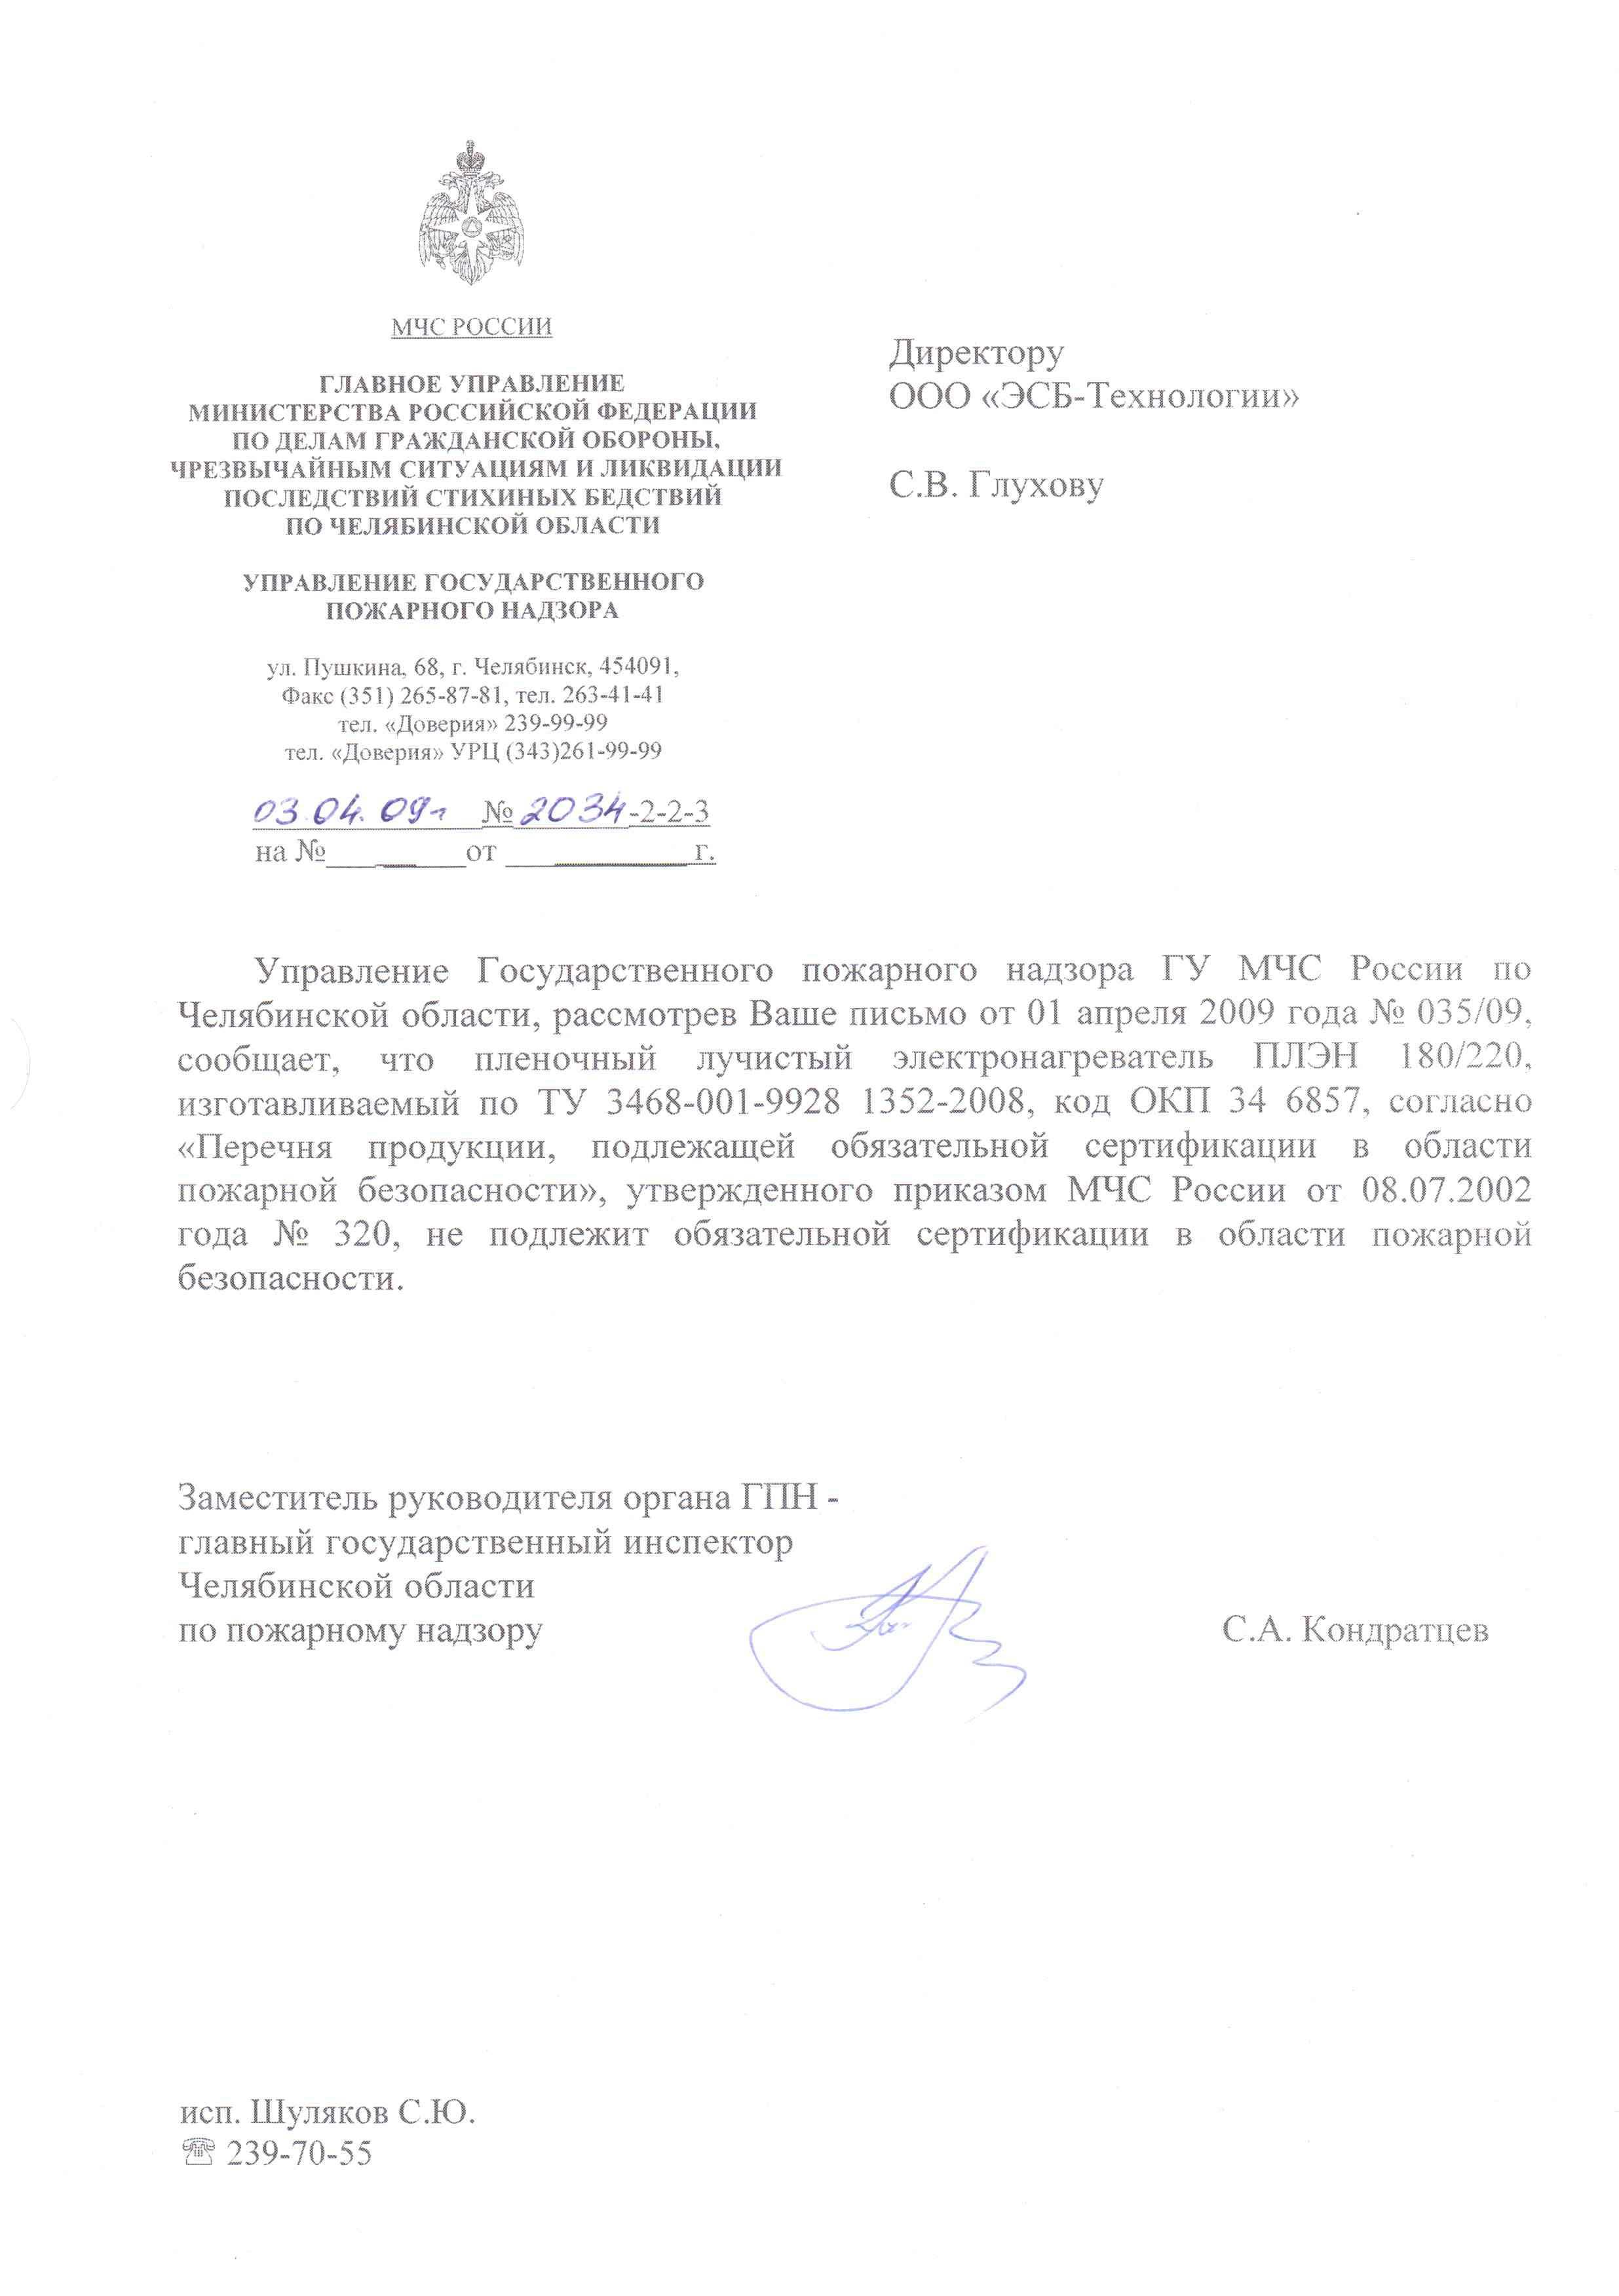 Письмо о пожаробезопасности 2